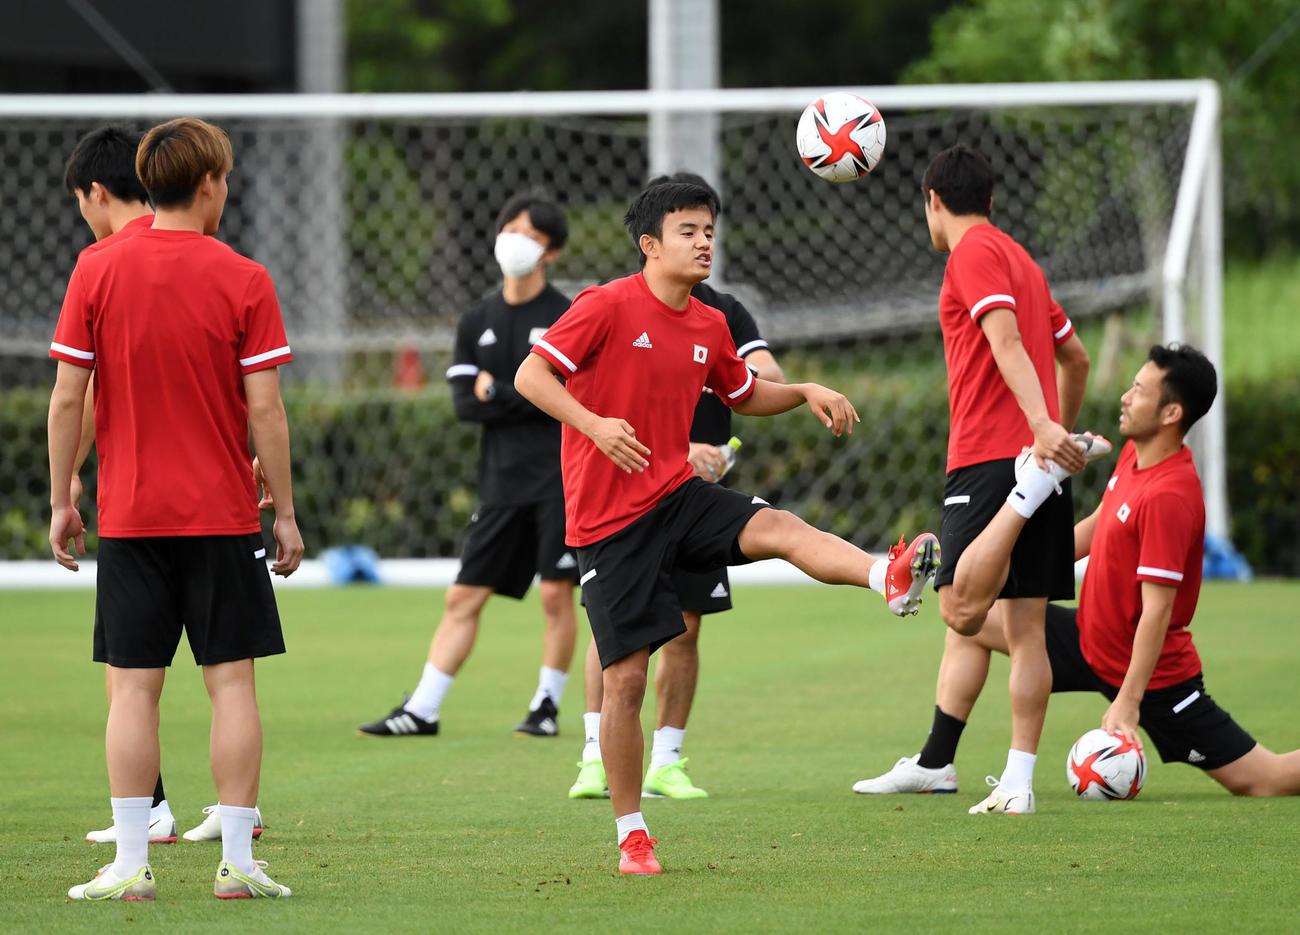 ボール回しをする久保(中央)(撮影・横山健太)